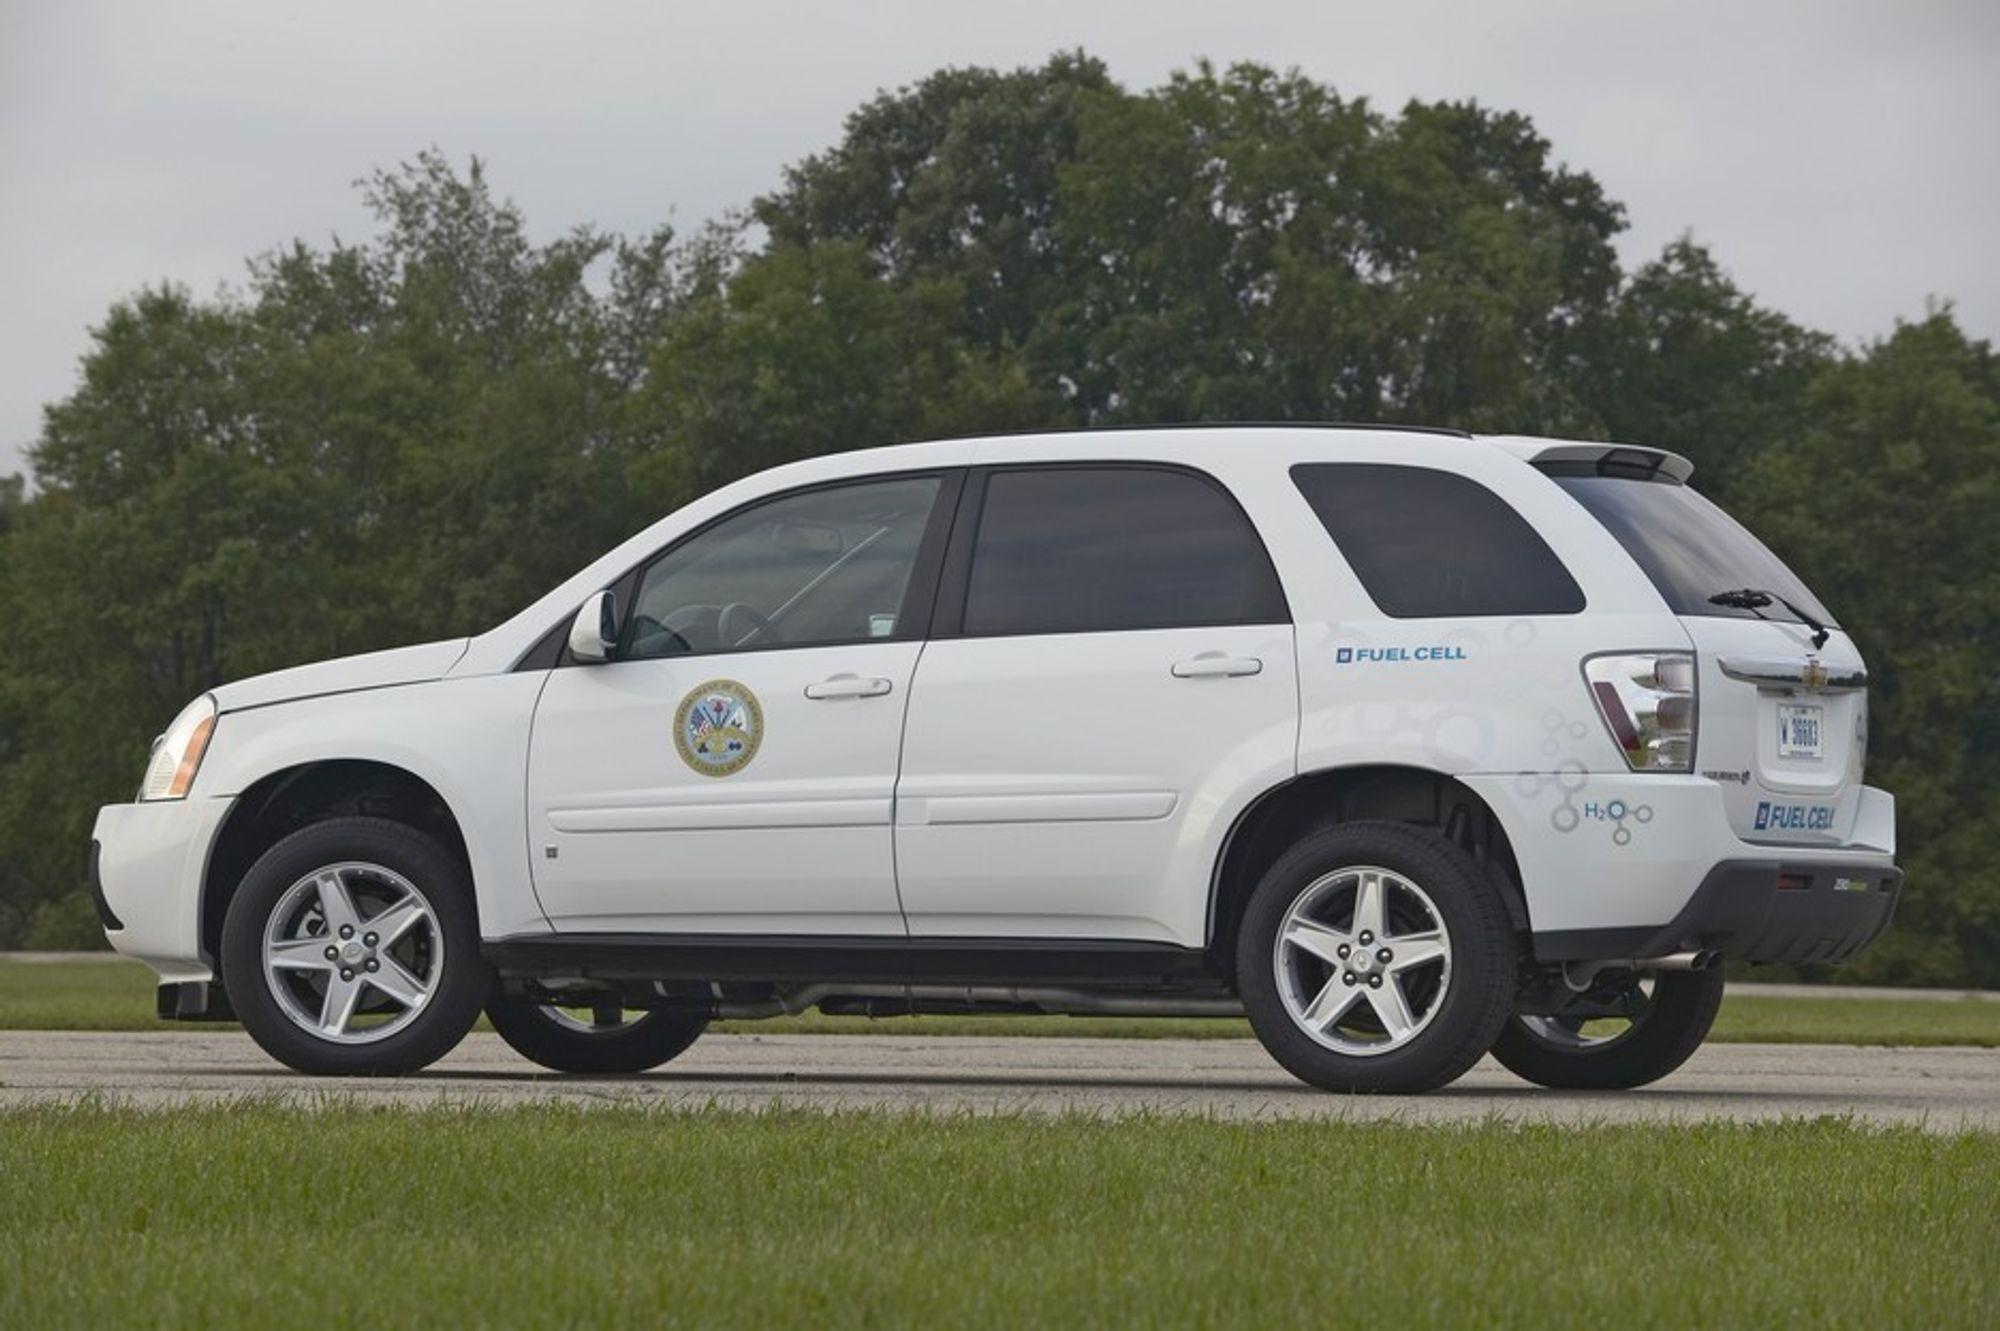 BRENSELCELLE: GM har for US Army bygget en seie prototyper som går på en toppmoderne, liten og høyeffektiv brenselcelle. Ingen vet om US Army virkelig kommer til å satse miljøvennlig. Spøkelset er det vanlige: Hvor i all verden skal de på en ikke-forurensende og overkommelig måte få tak i hydrogen å drive cellene med?